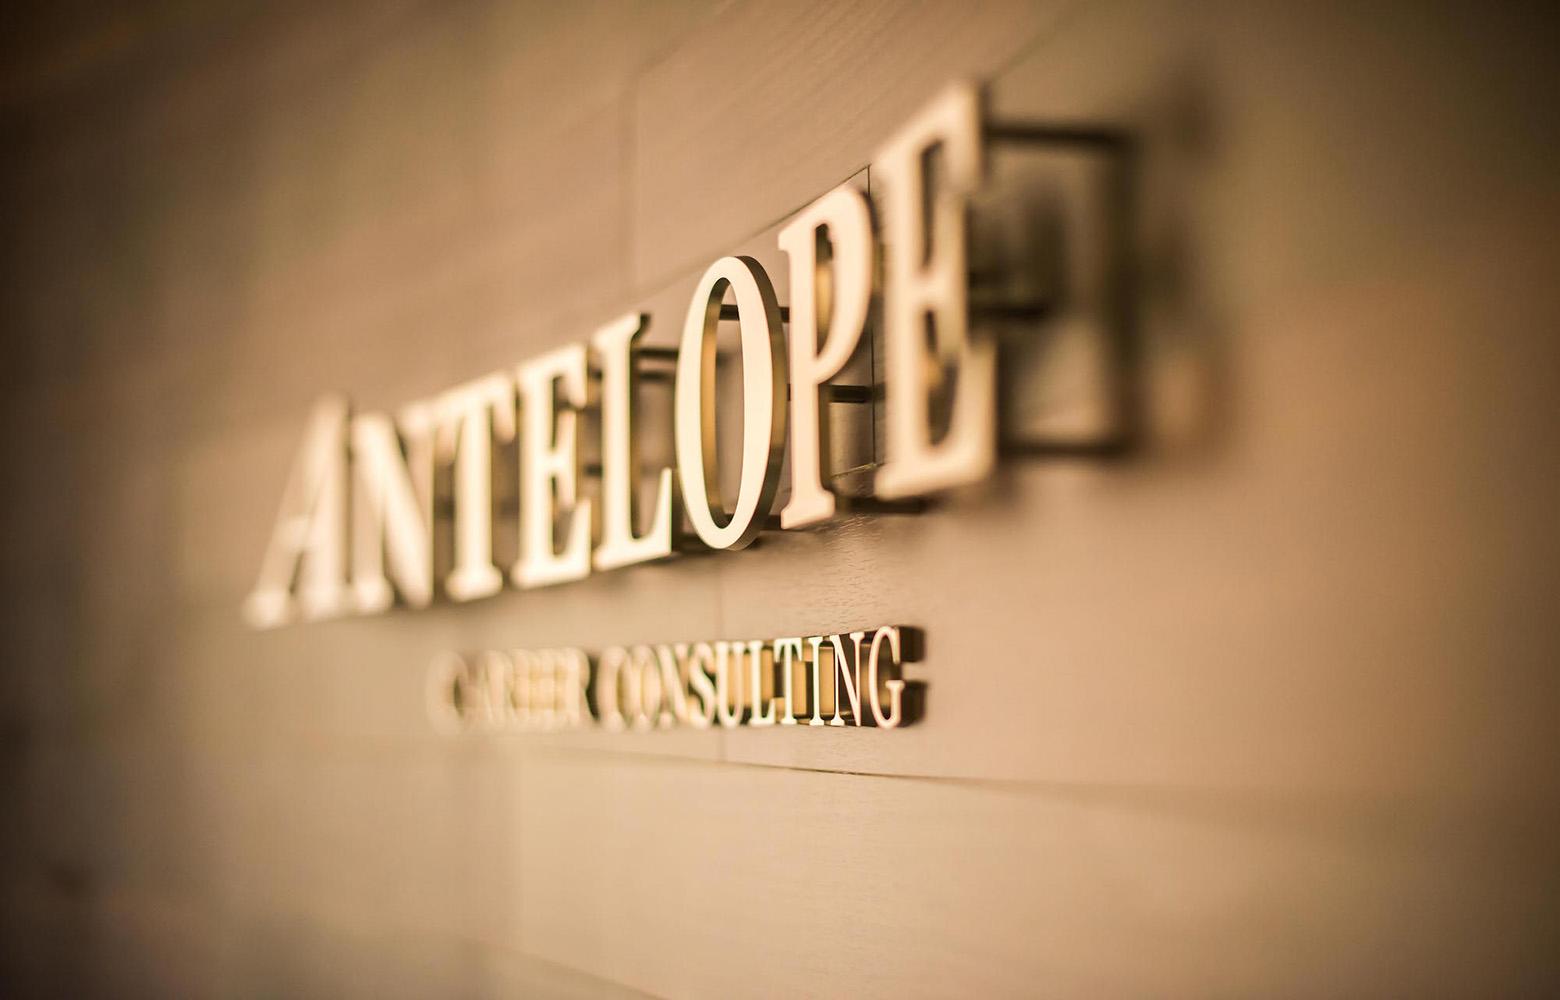 アンテロープキャリアコンサルティング株式会社エントランスサイン・標識